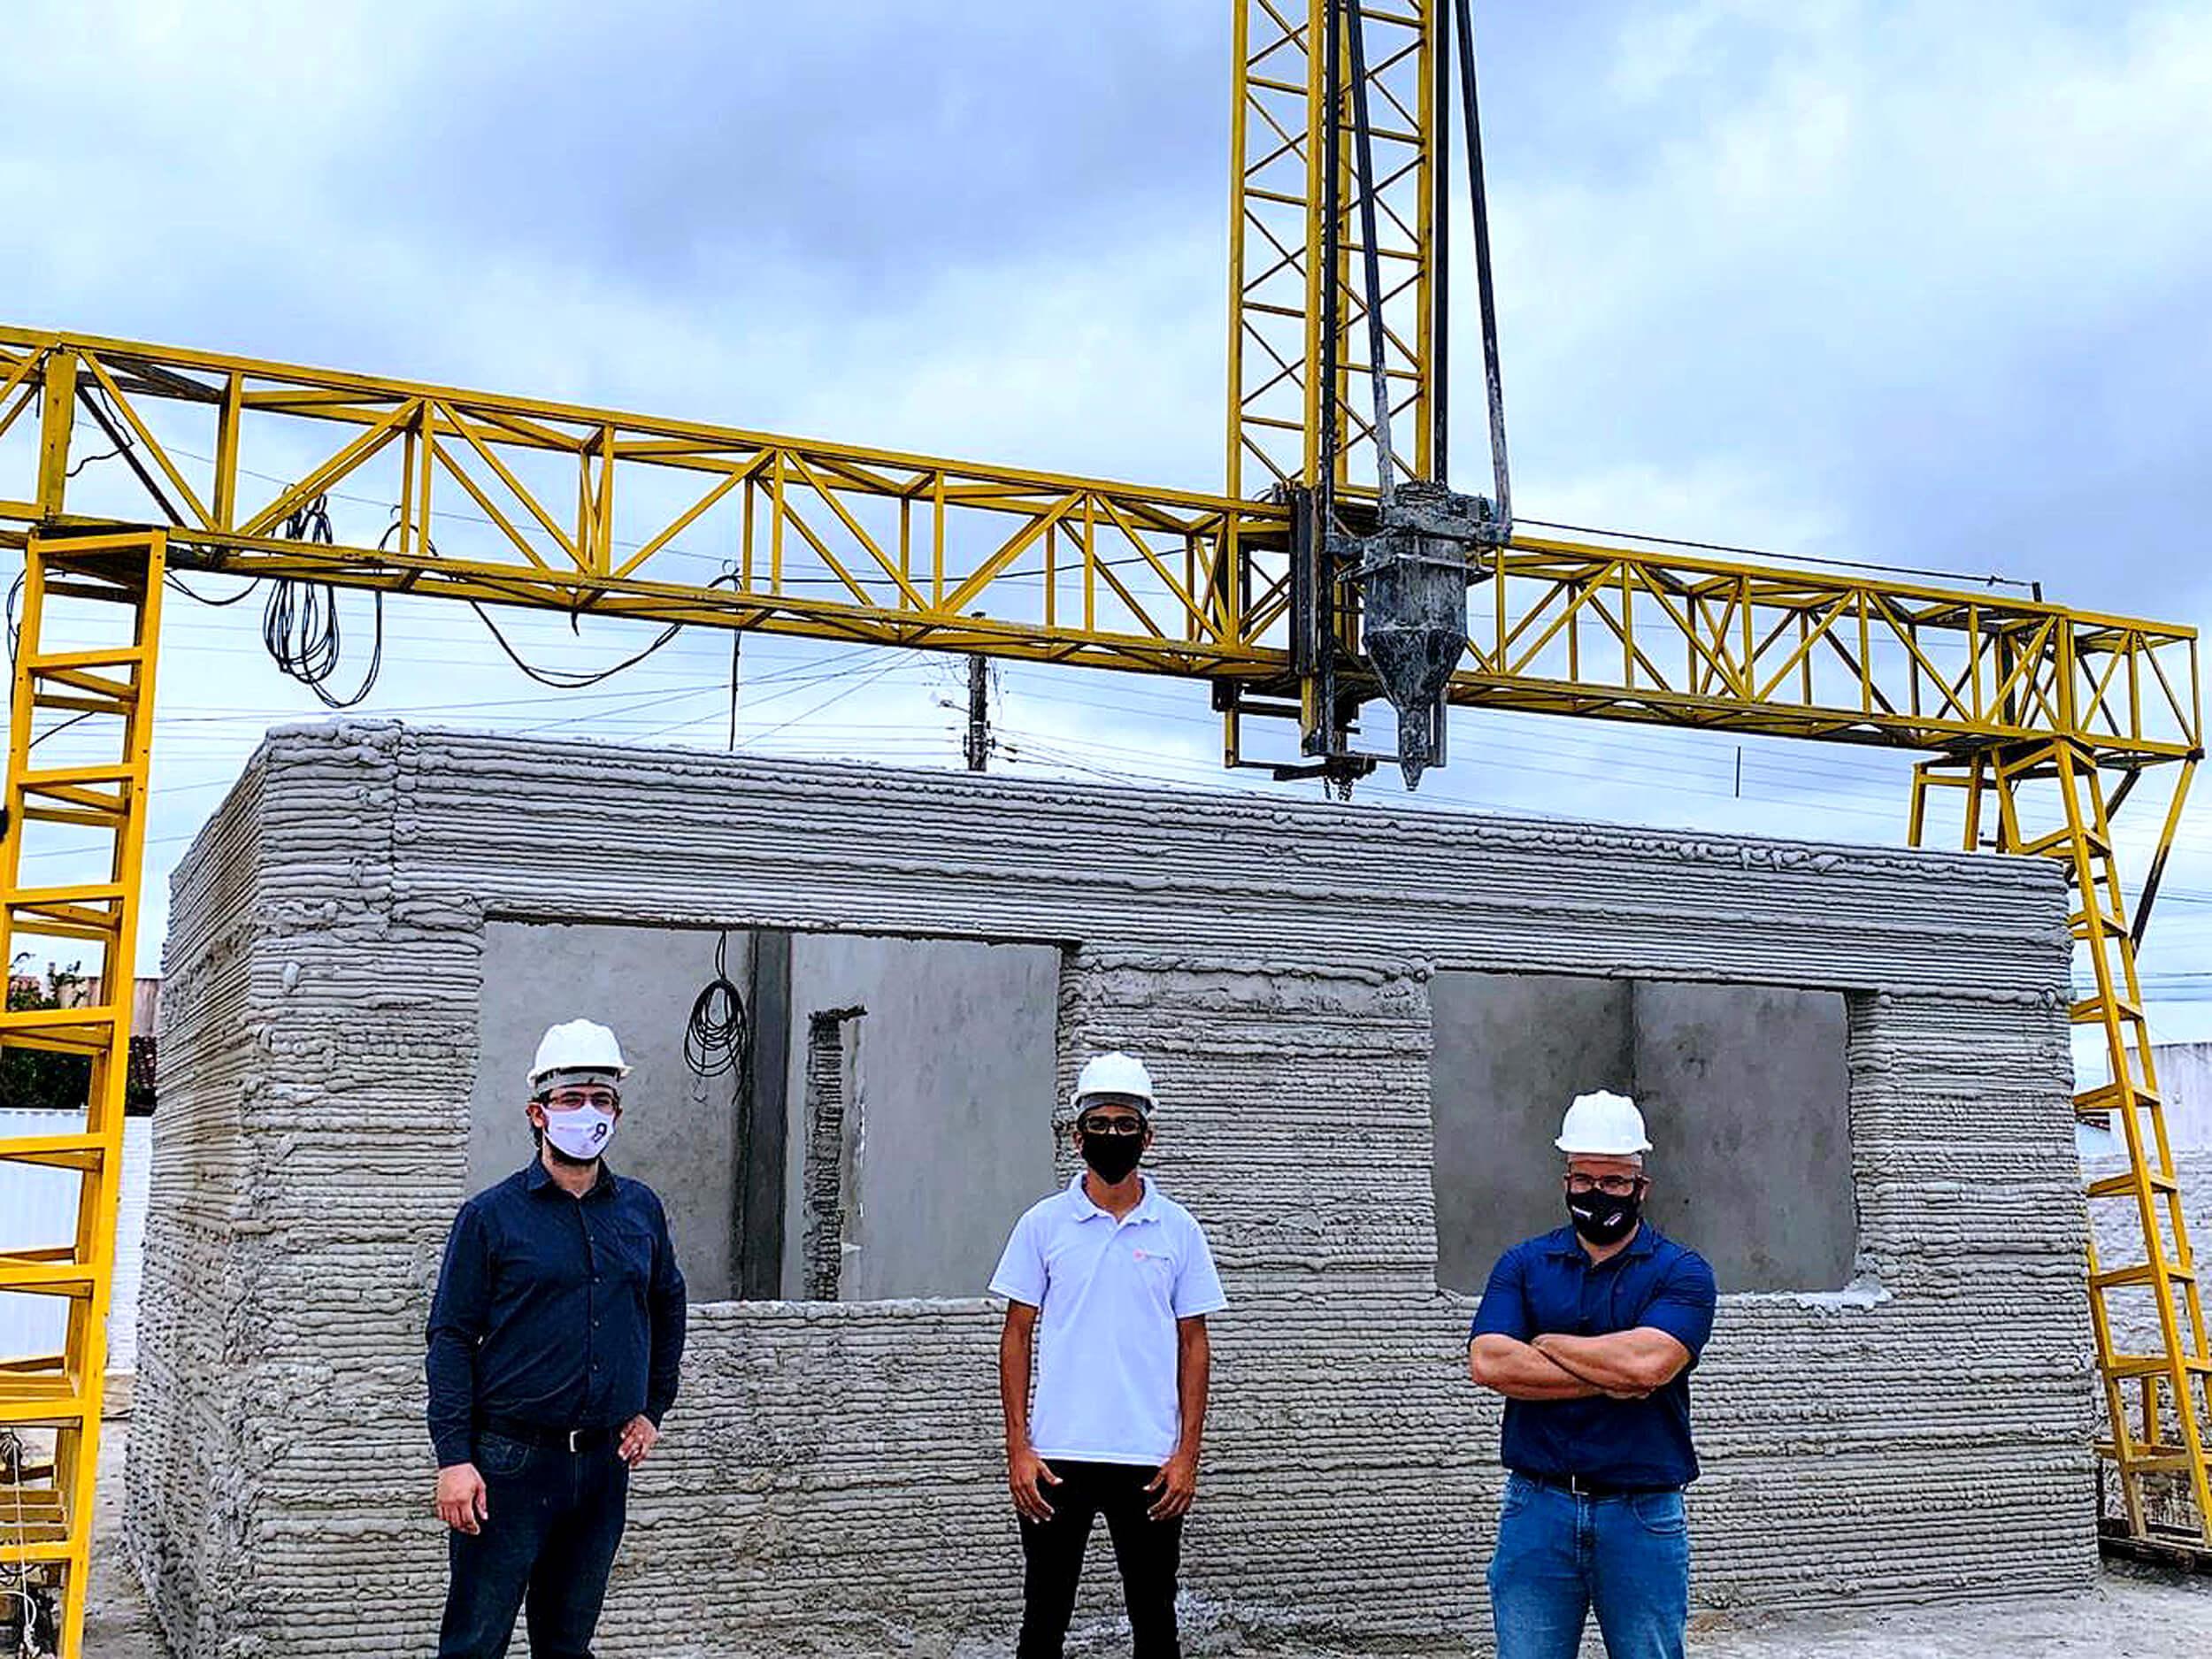 André Felipe, Allynson Xavier e Iago da Silva: os idealizadores da impressora e do primeiro projeto brasileiro de construção com impressão 3D Crédito: 3DHomeConstruction